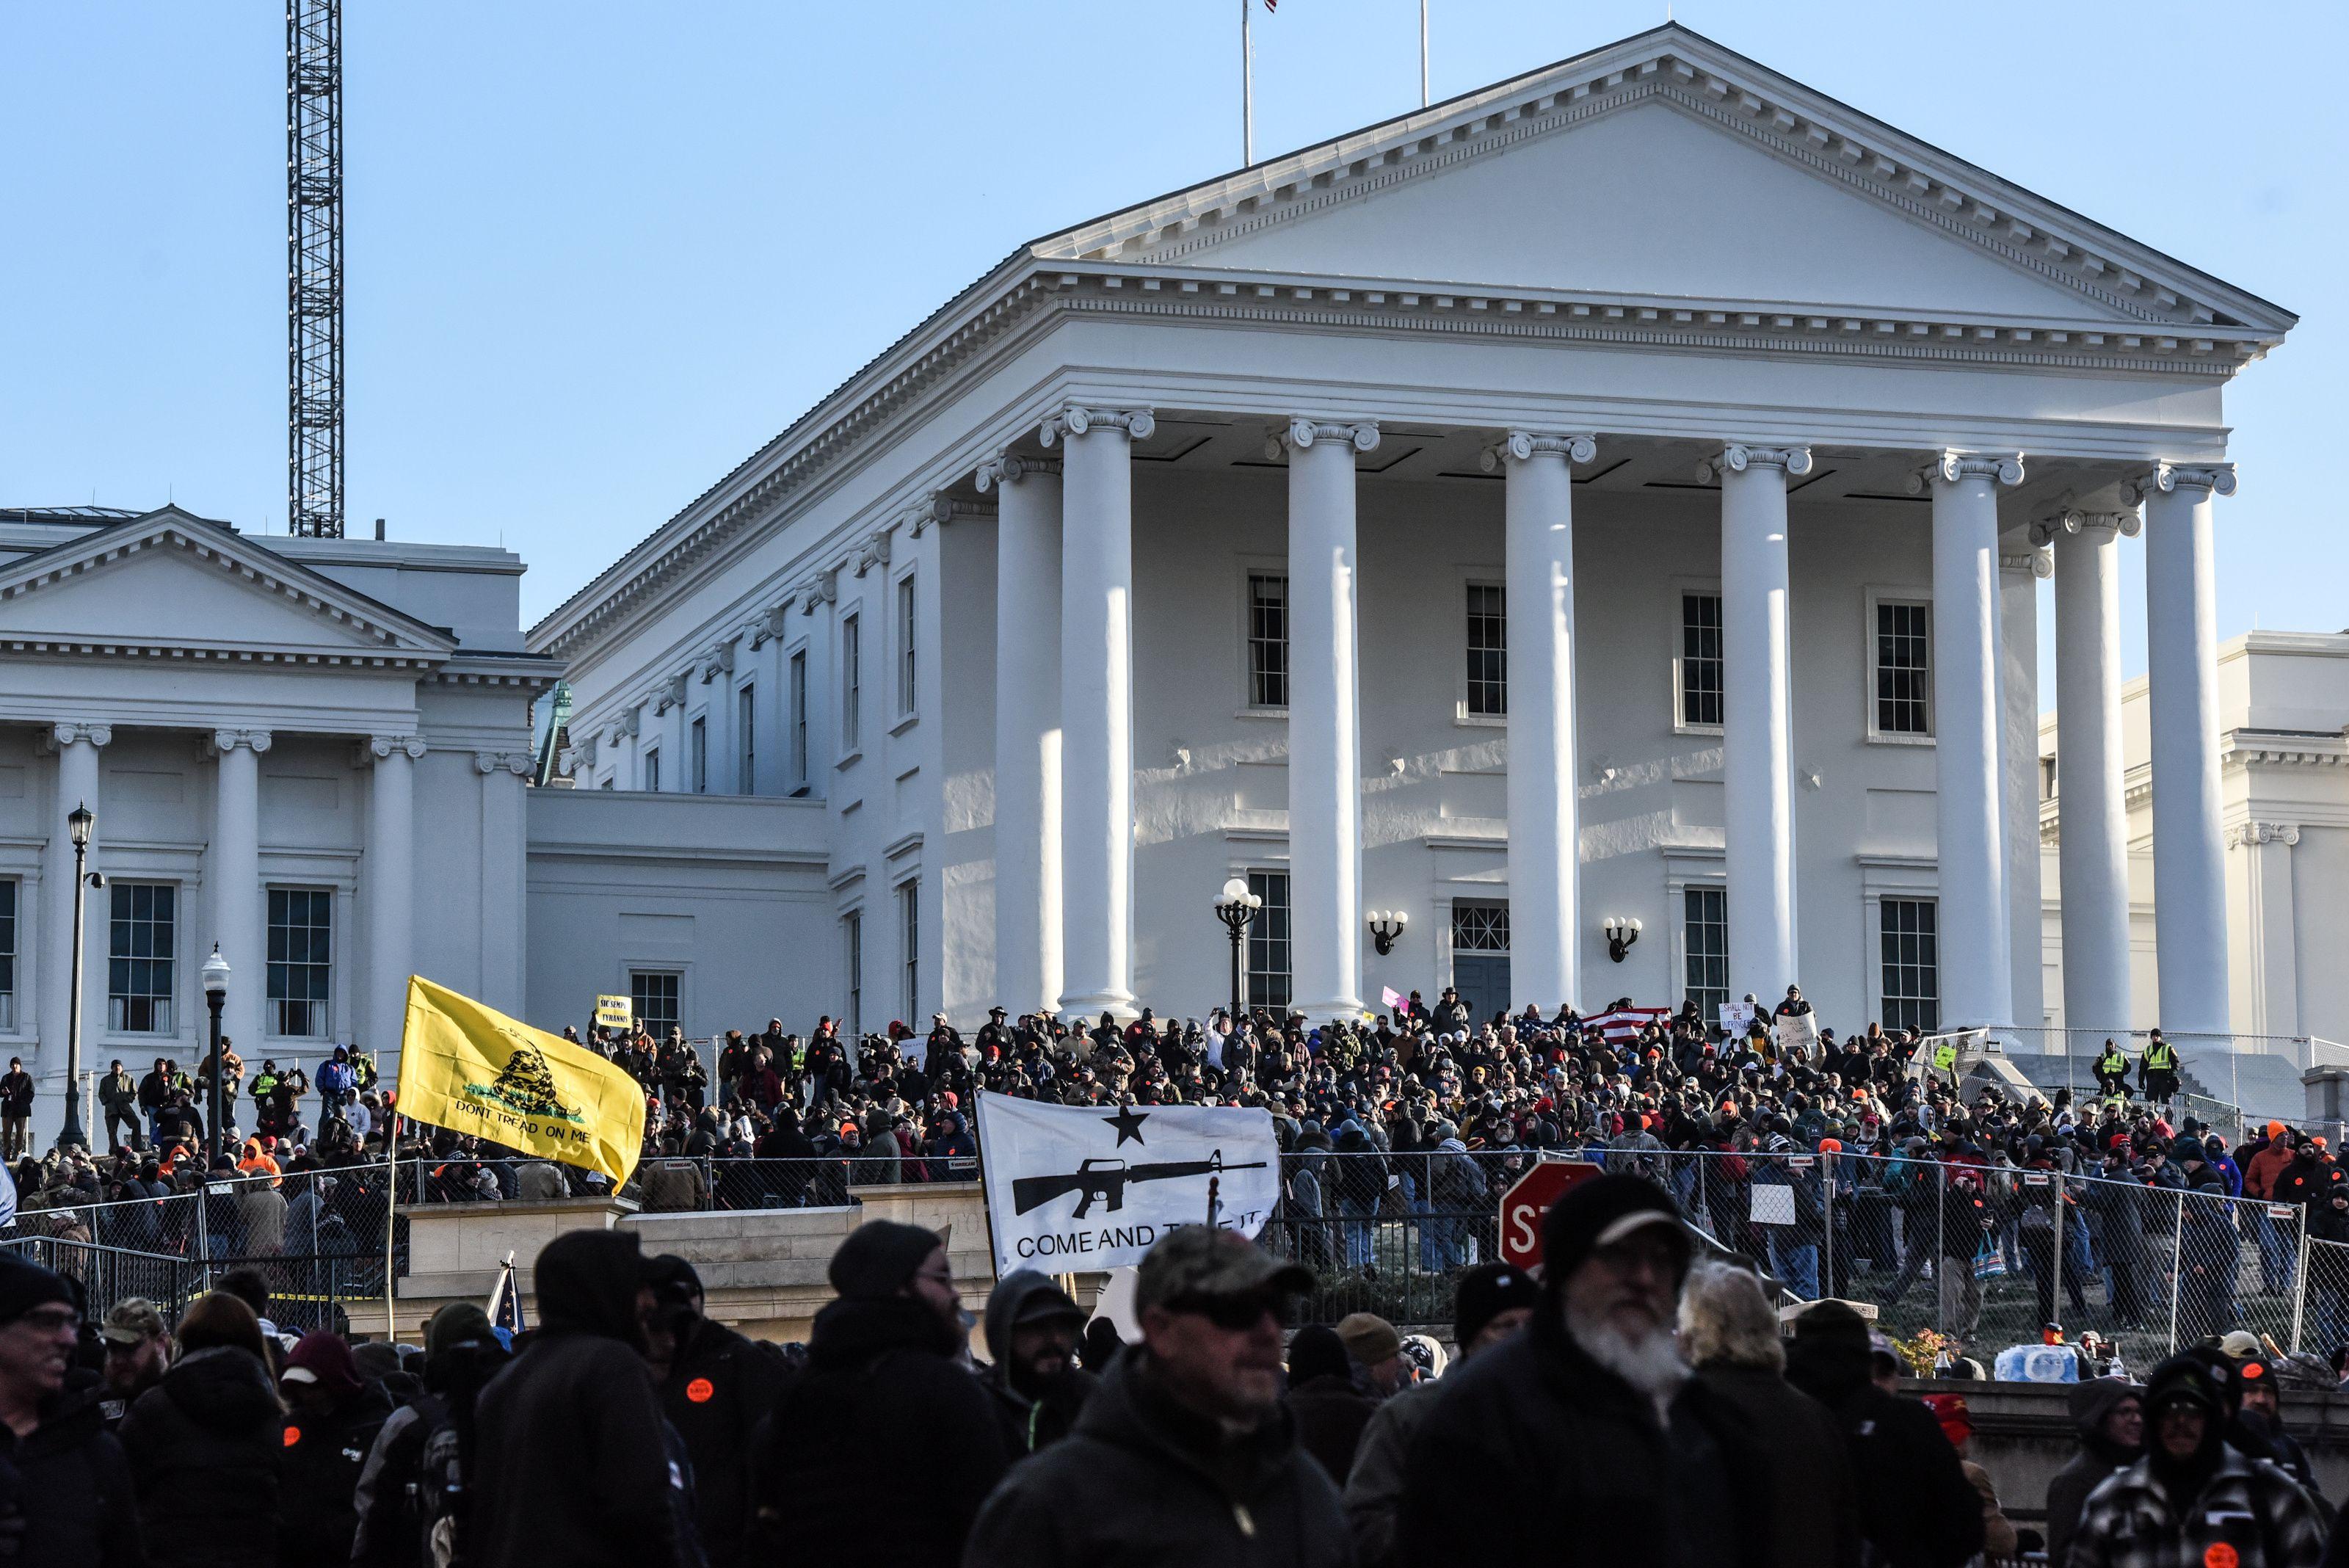 Una imagen del Capitolio en la que se puede apreciar el sector delimitado en el que estuvo prohibido la portación de armas durante la manifestación (REUTERS/Stephanie Keith)